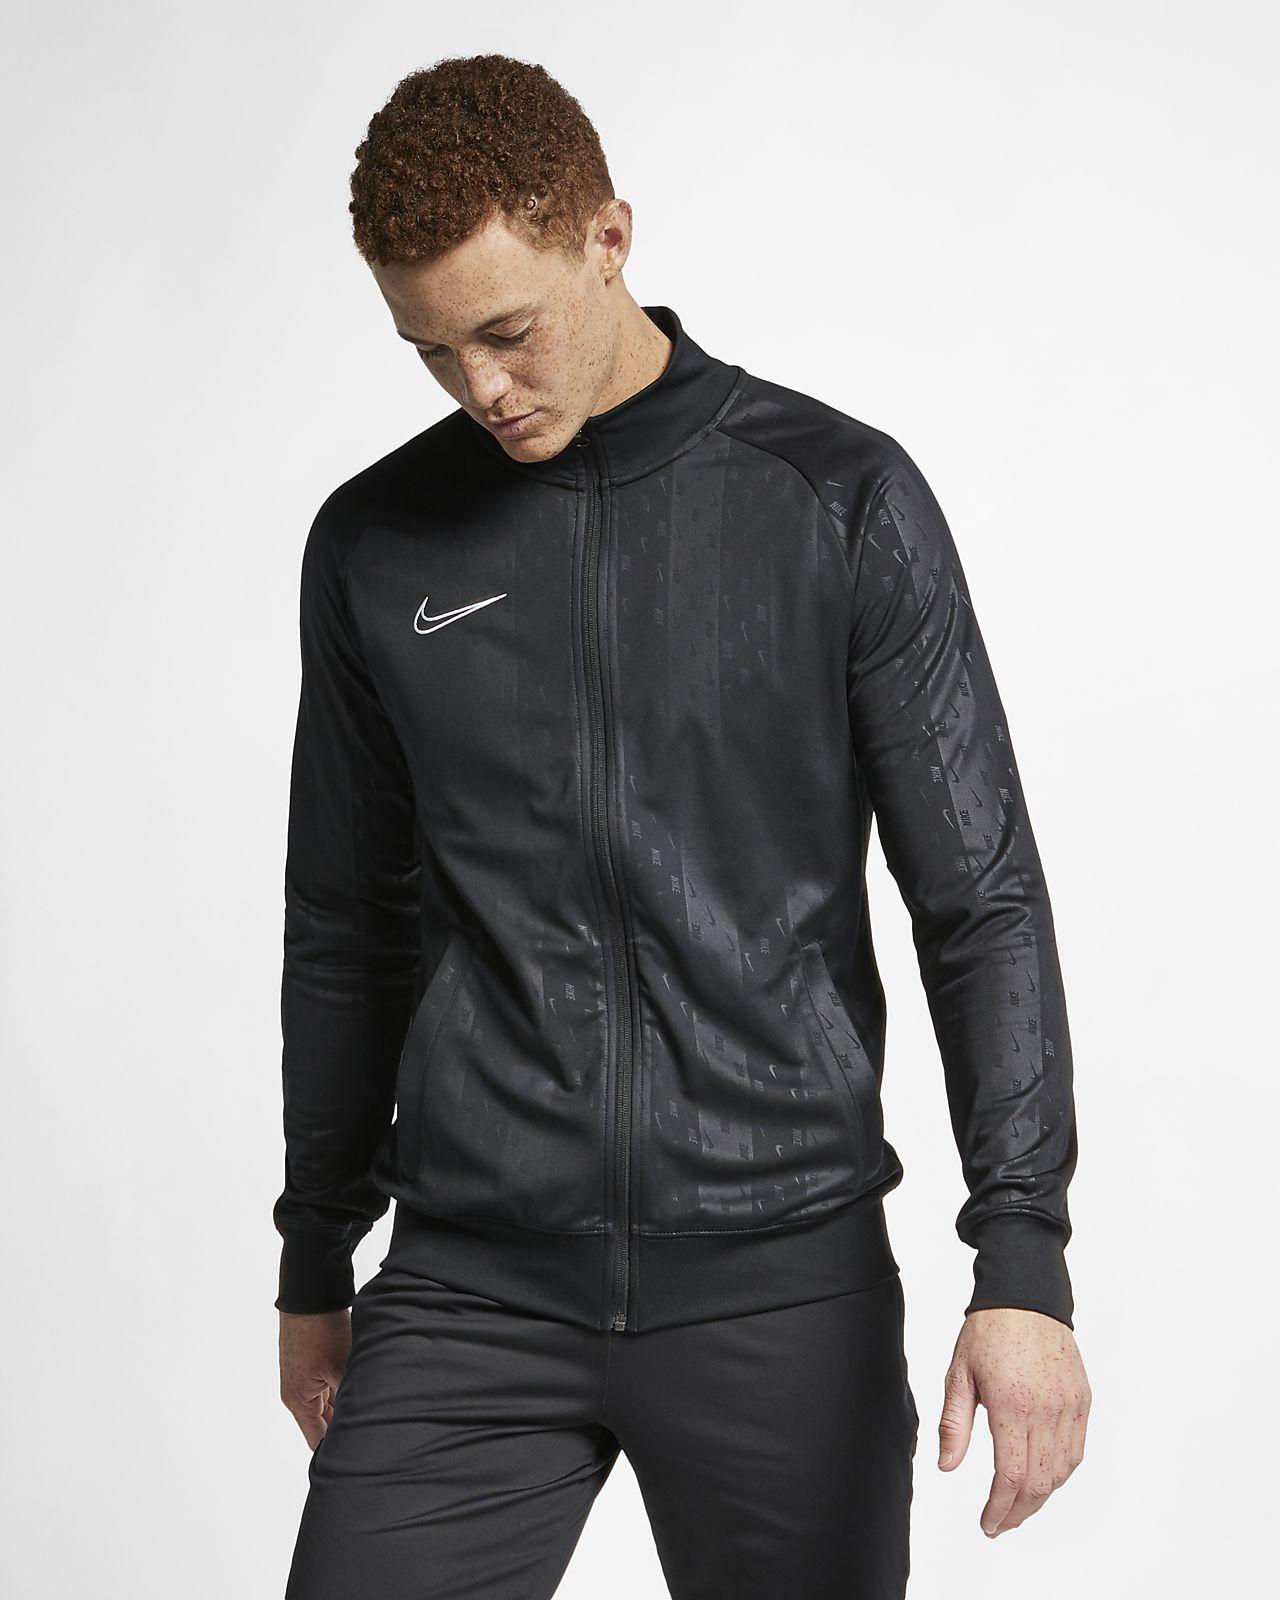 Fotbollsjacka Nike Dri-FIT Academy för män